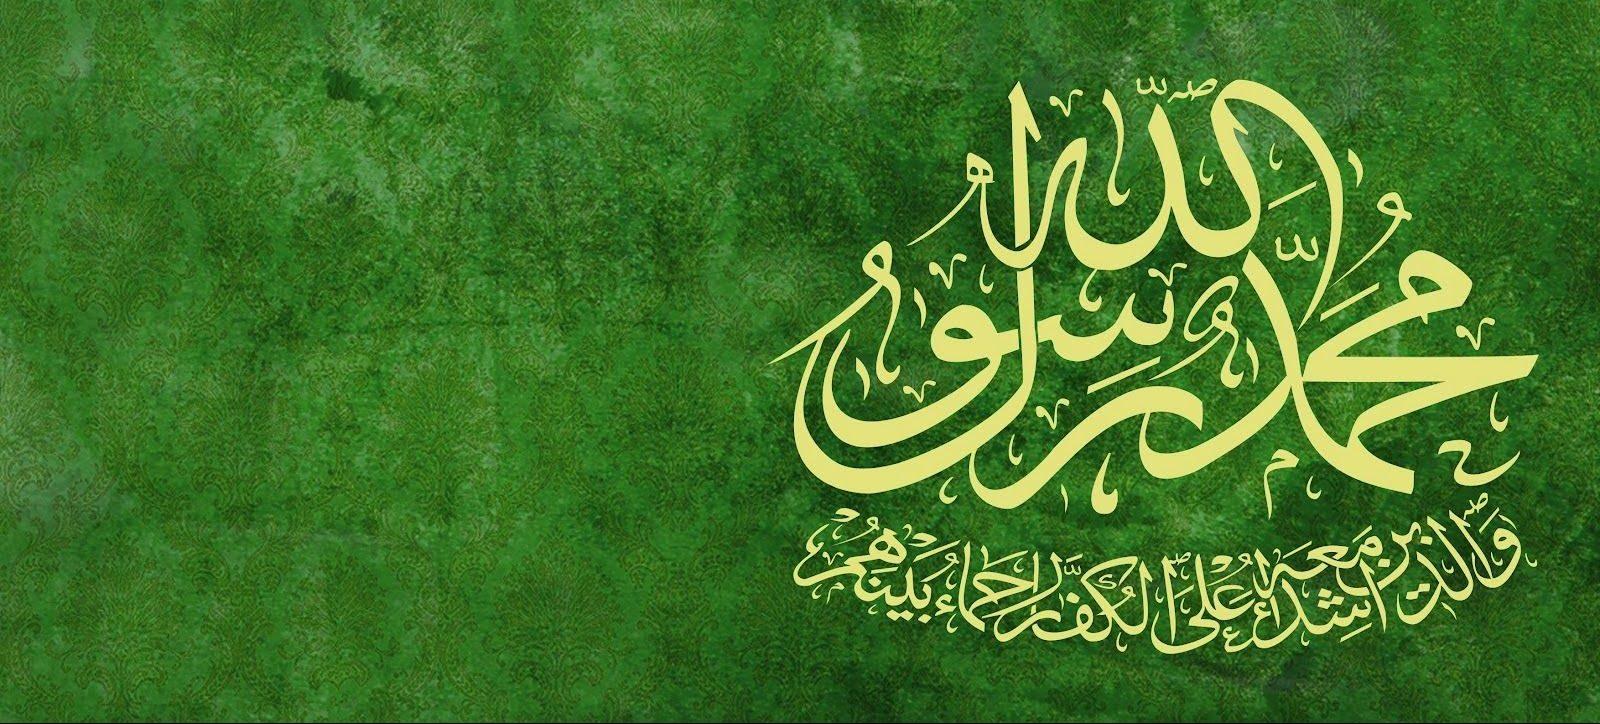 Hukum Membaca Sholawat Asyghil bimbingan islam